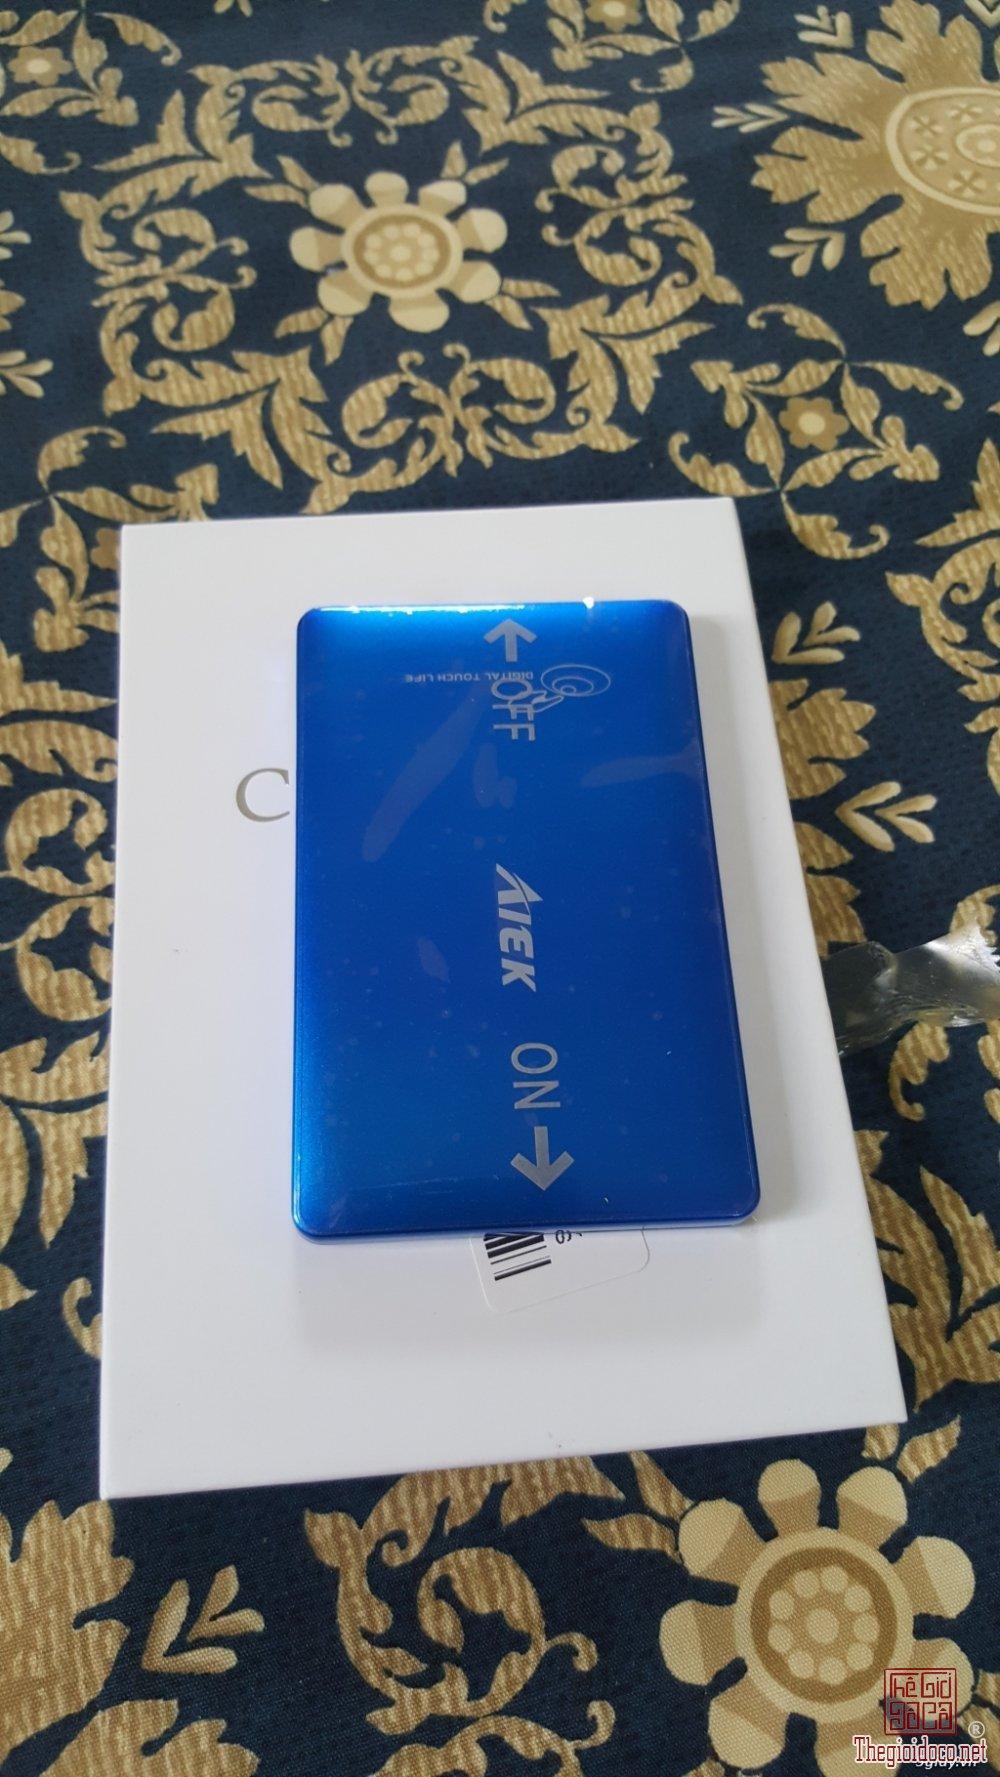 iện thoại mini card phone (1).jpg